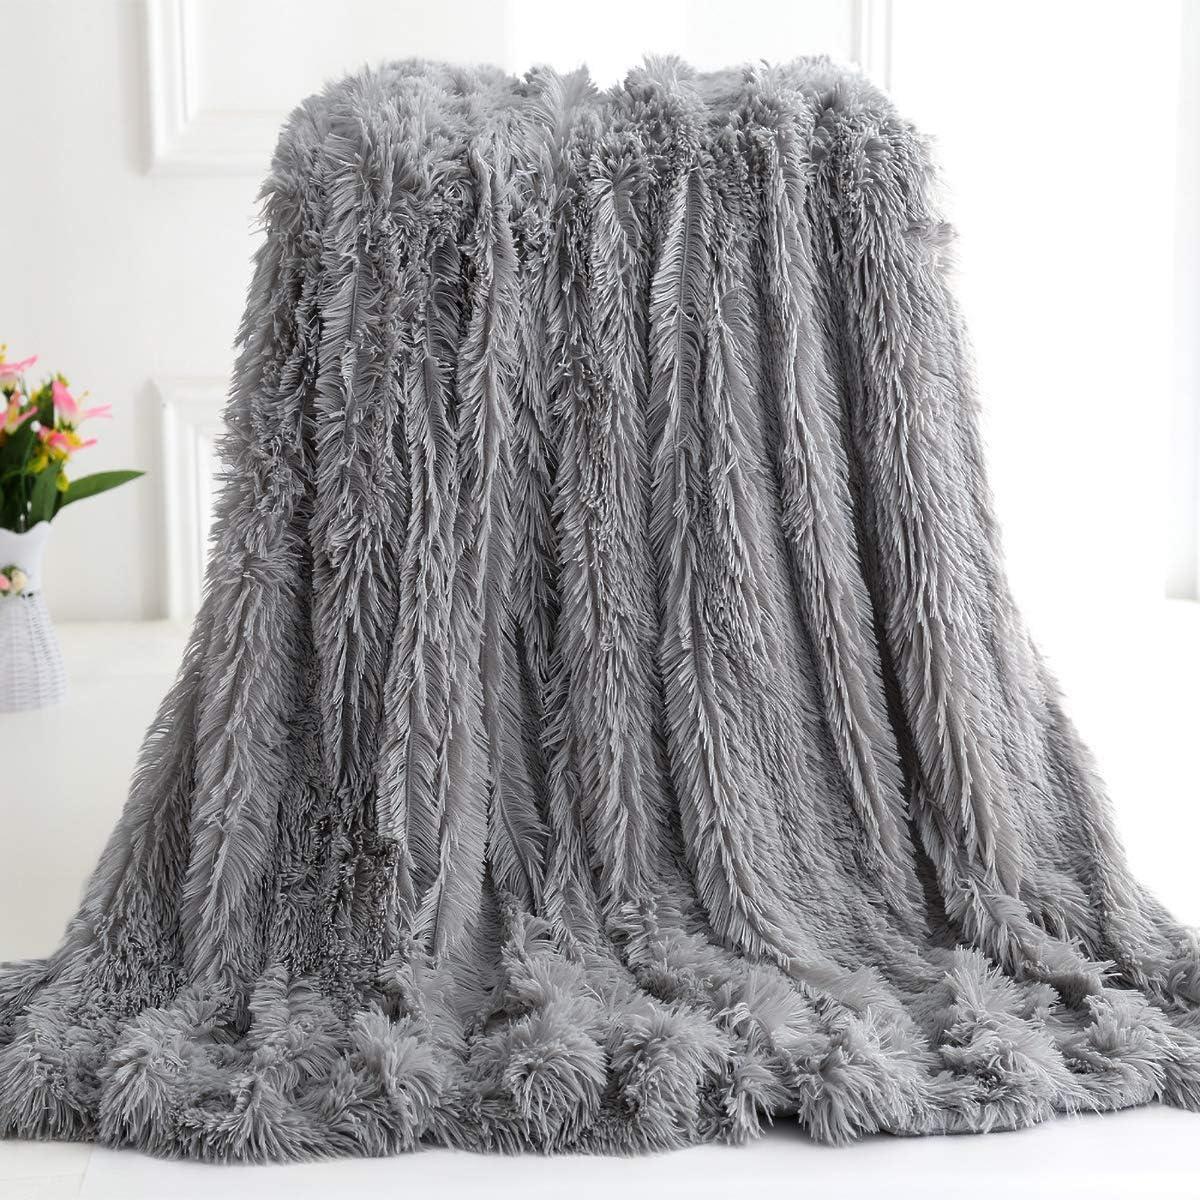 polar Throw-50x60 peluda Manta de pelo sint/ético s/úper suave para el sof/á y la cama acogedora y mullida Blanco de pelo largo Junovo